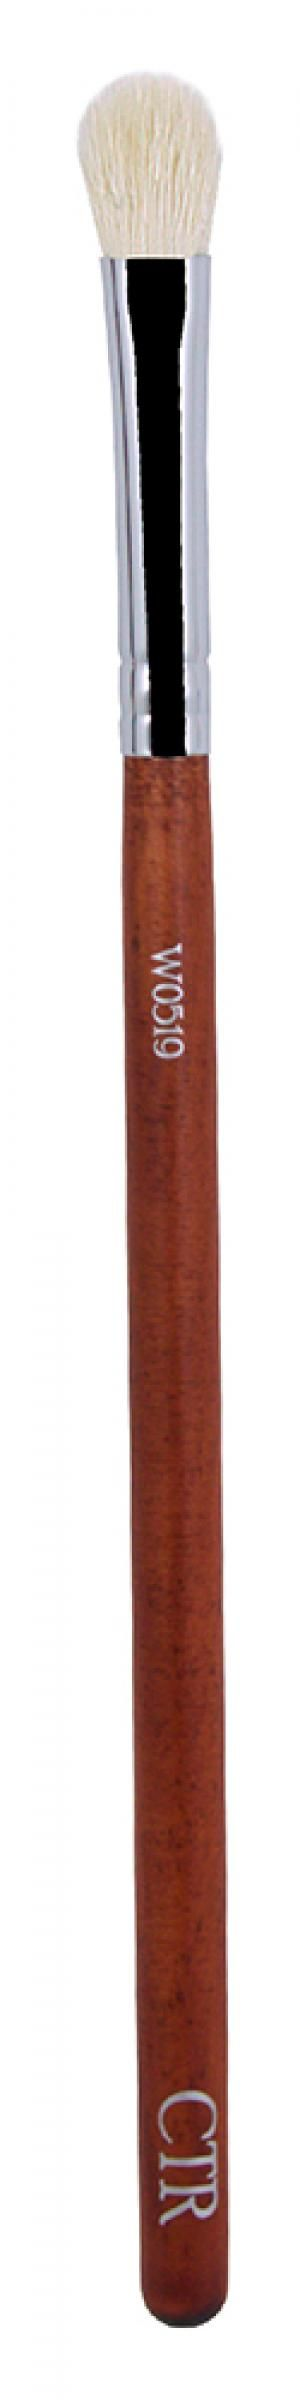 Кисть для нанесения и растушевки теней ворс козы W0519 - 00-00011578